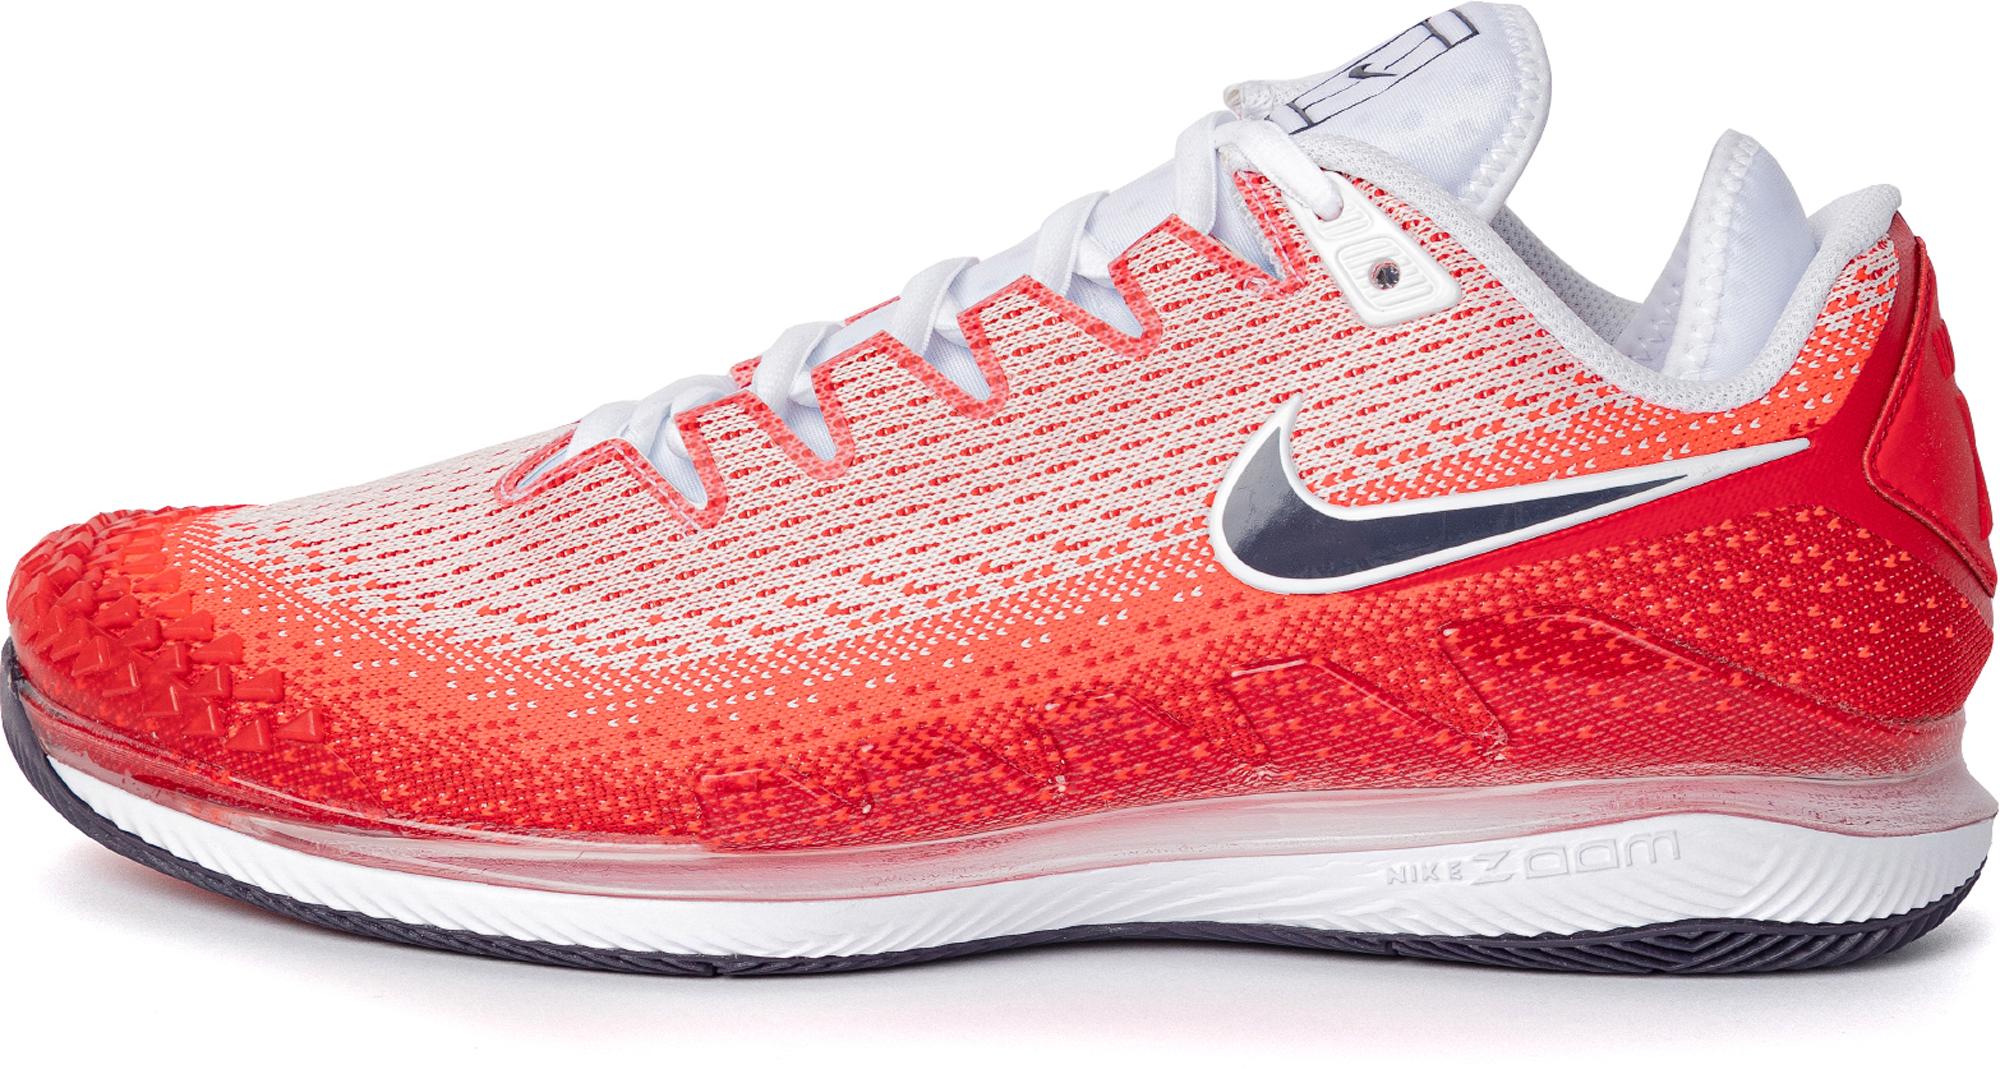 Nike Кроссовки мужские Nike Nike Air Zoom Vapor X Knit, размер 43.5 nike сумка nike vapor jet drum